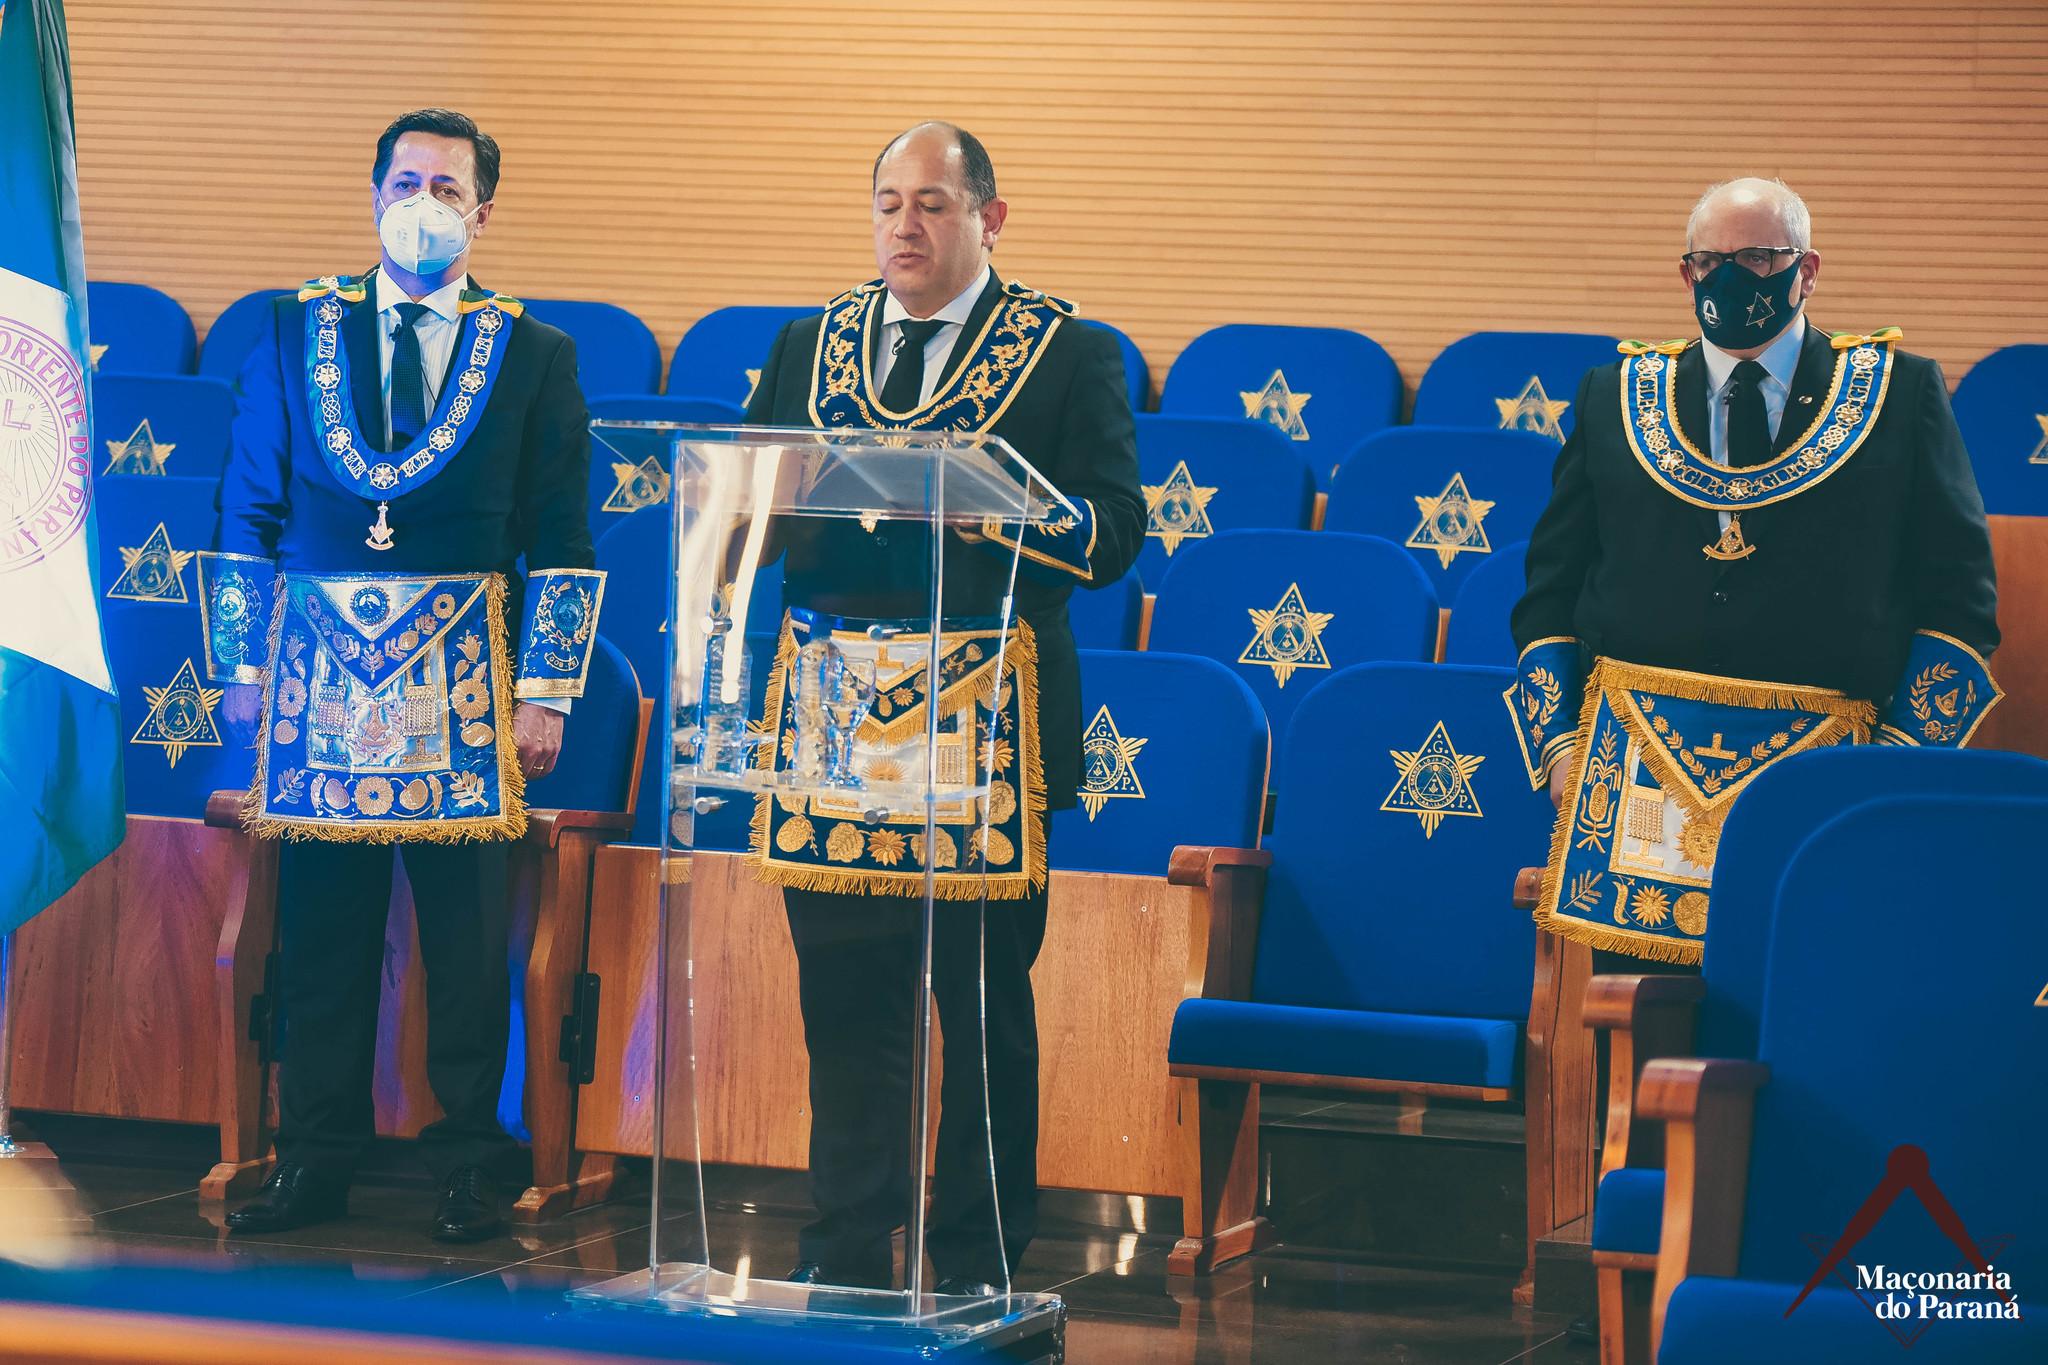 Resumo do discurso dos Grão-Mestres na Sessão Especial da Independência do Brasil